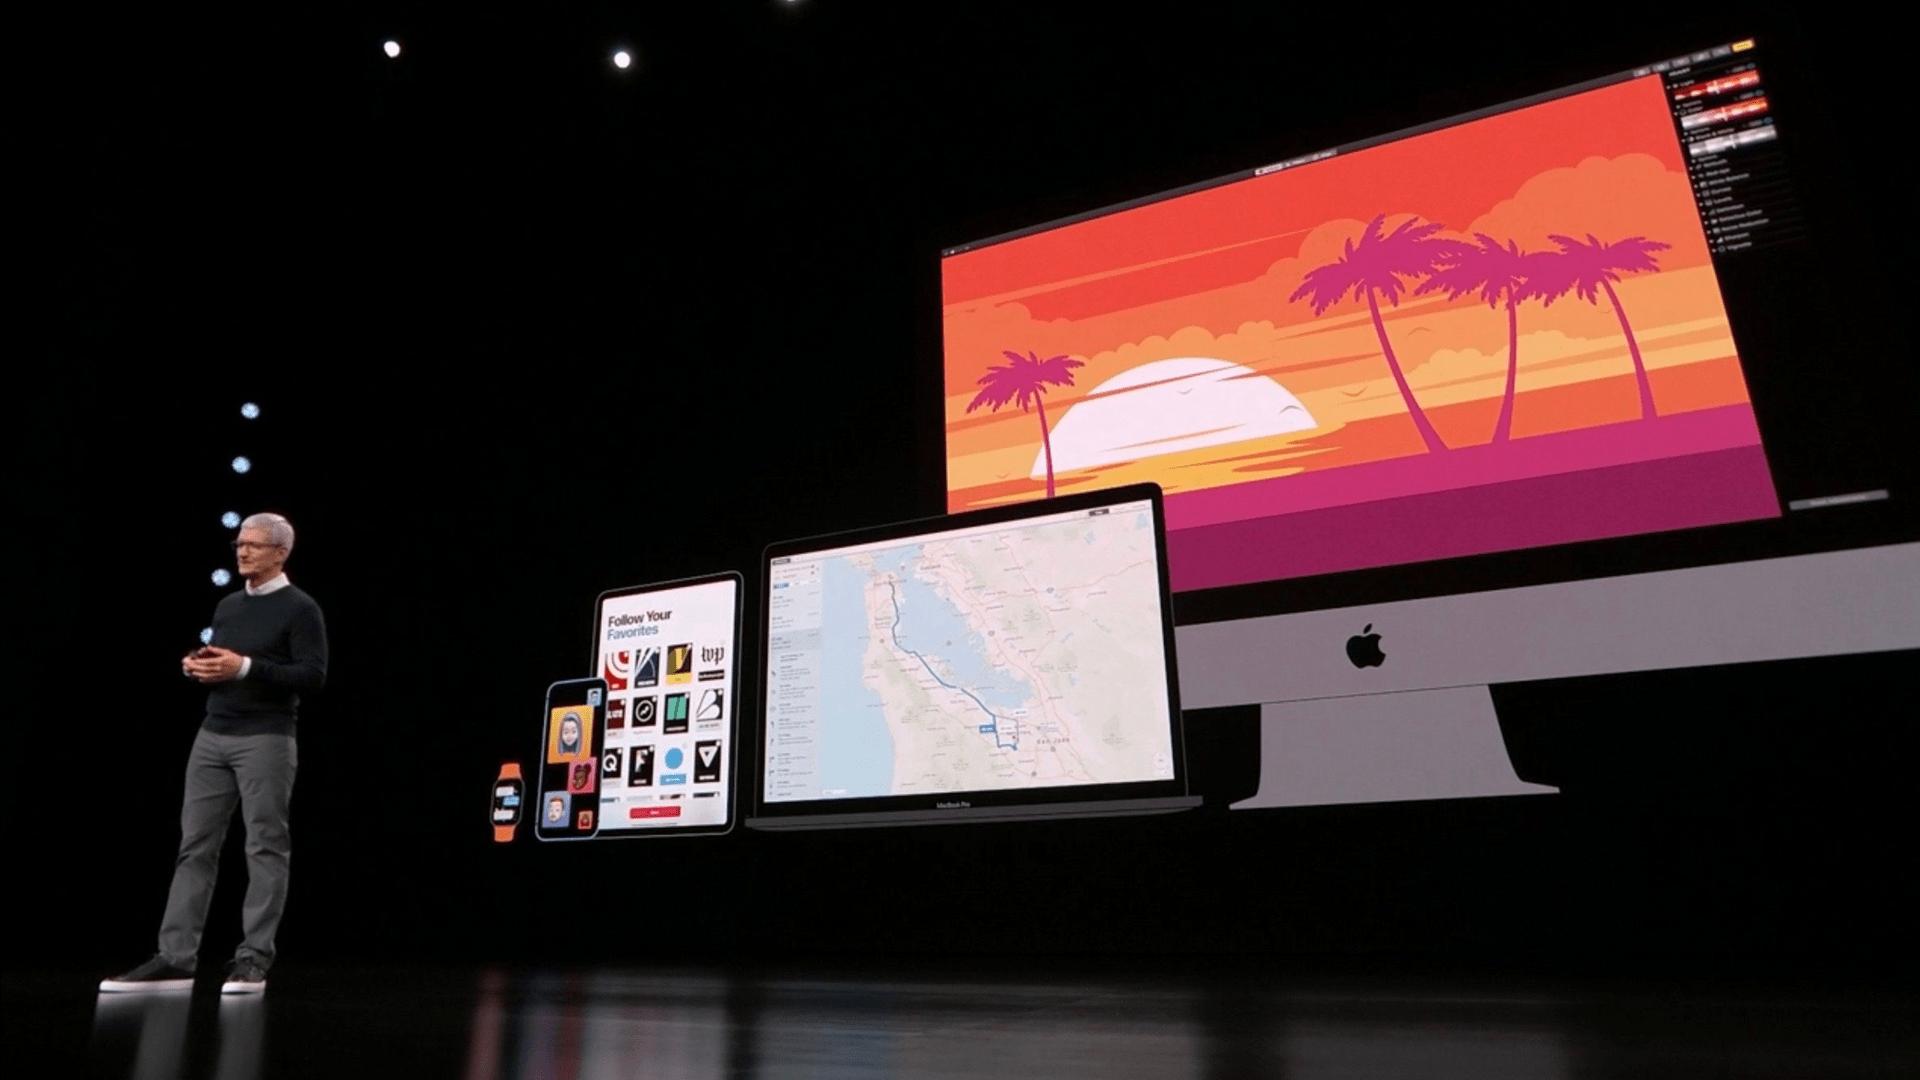 傳聞:蘋果將于3月31日舉行特別活動,4月3日發布 iPhone 9